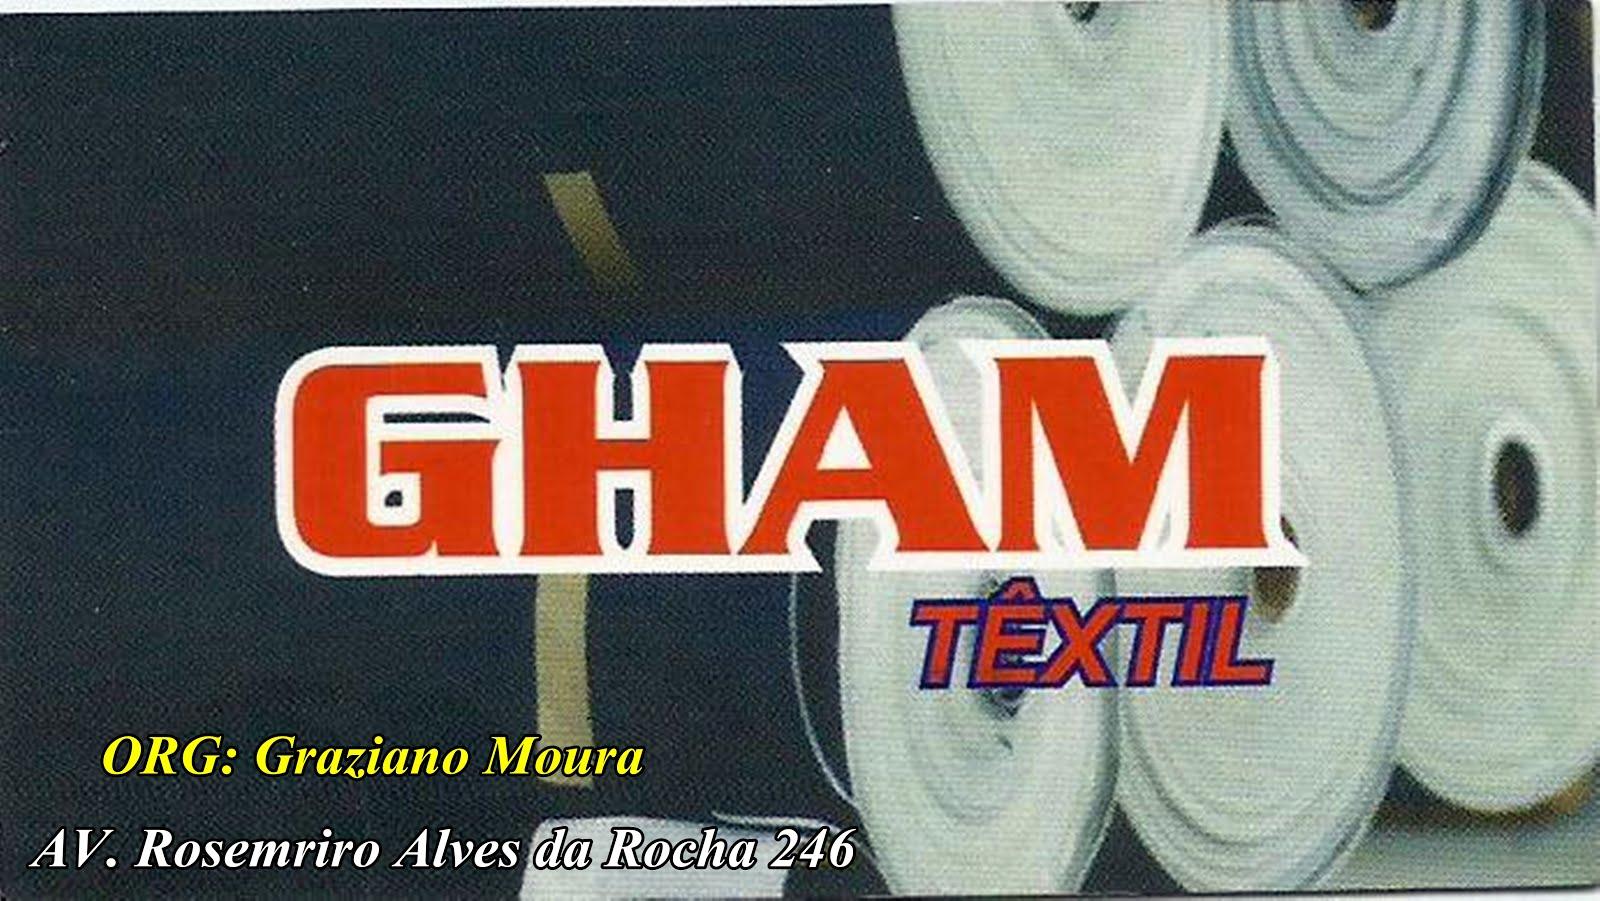 Gham textil